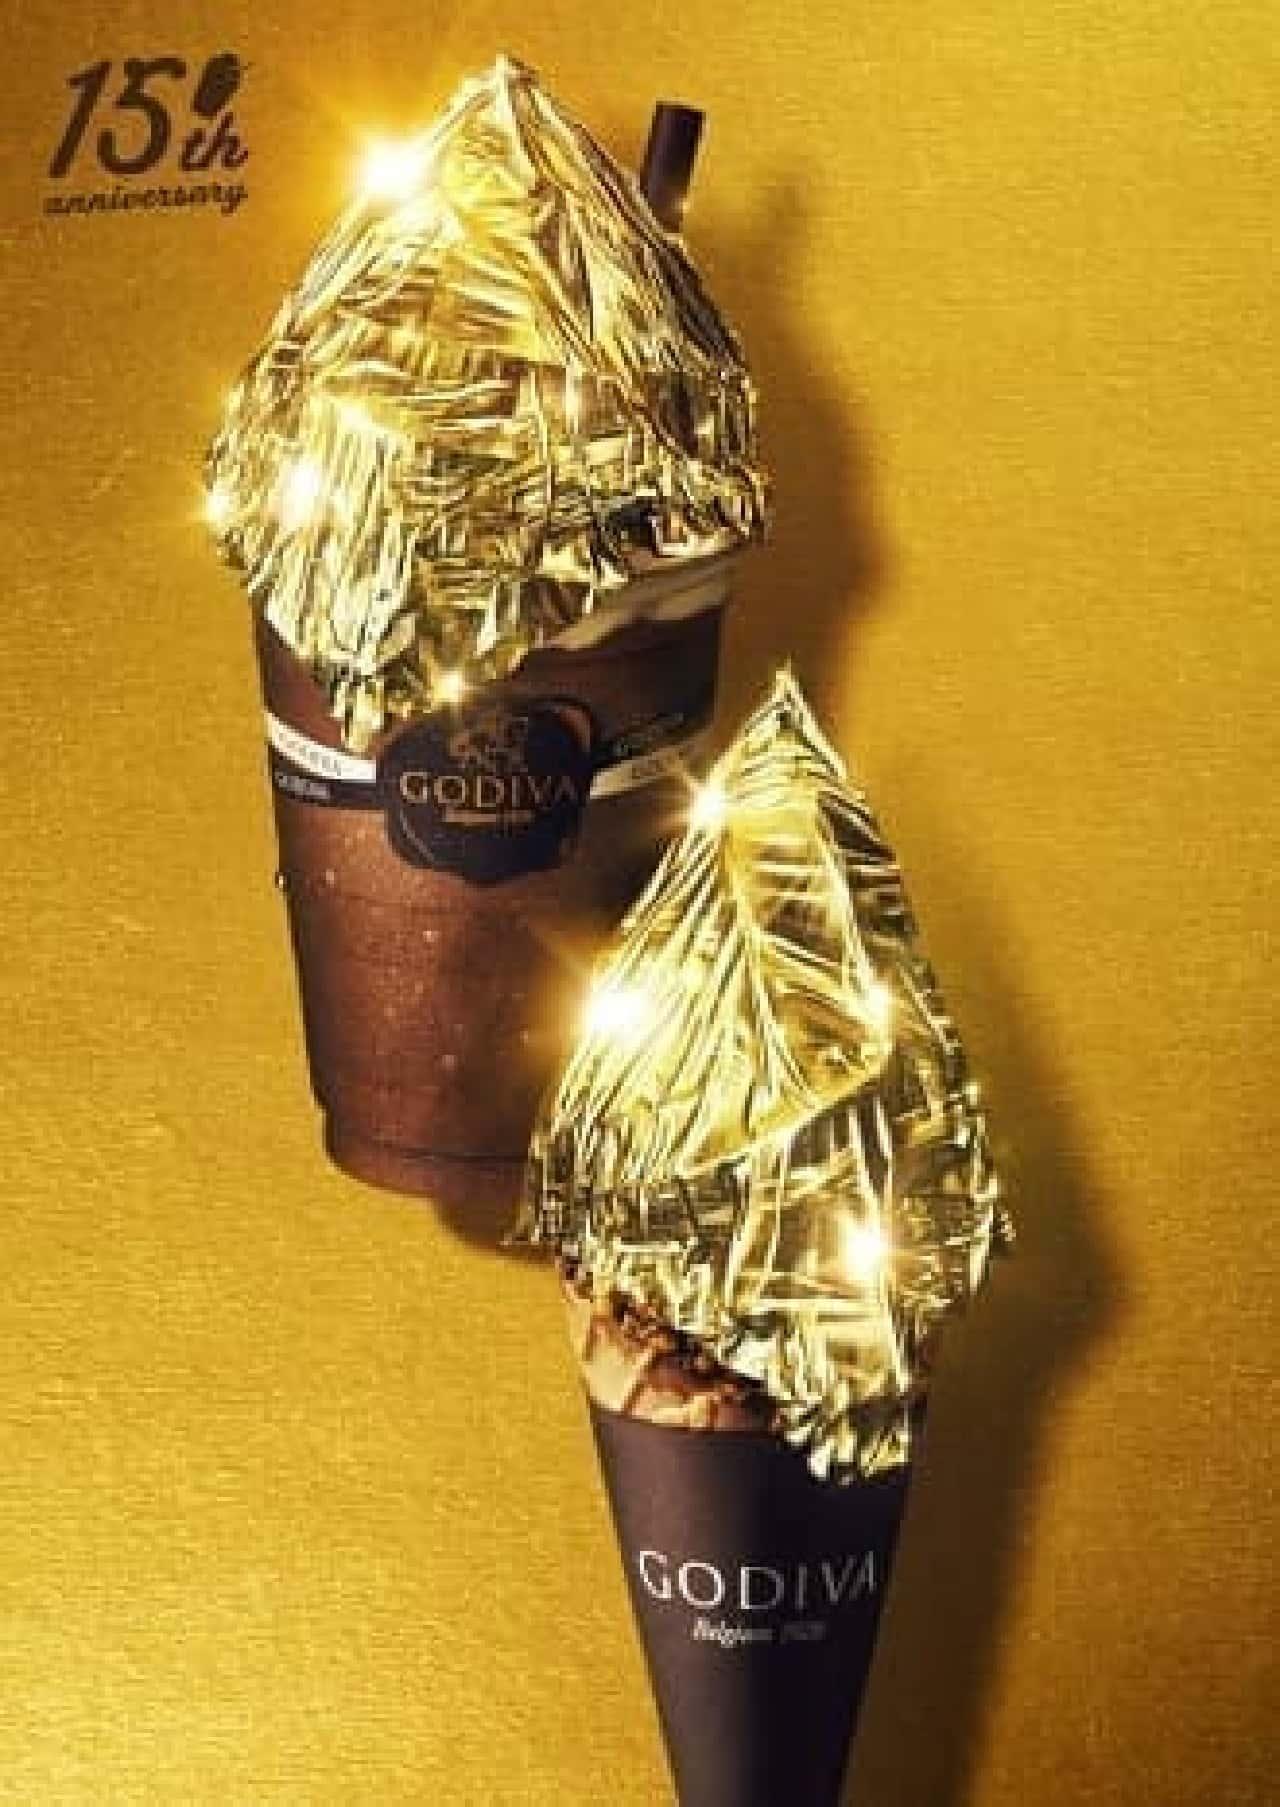 ゴディバの「ショコリキサー GOLDEN」と「ソフトクリーム GOLDEN」